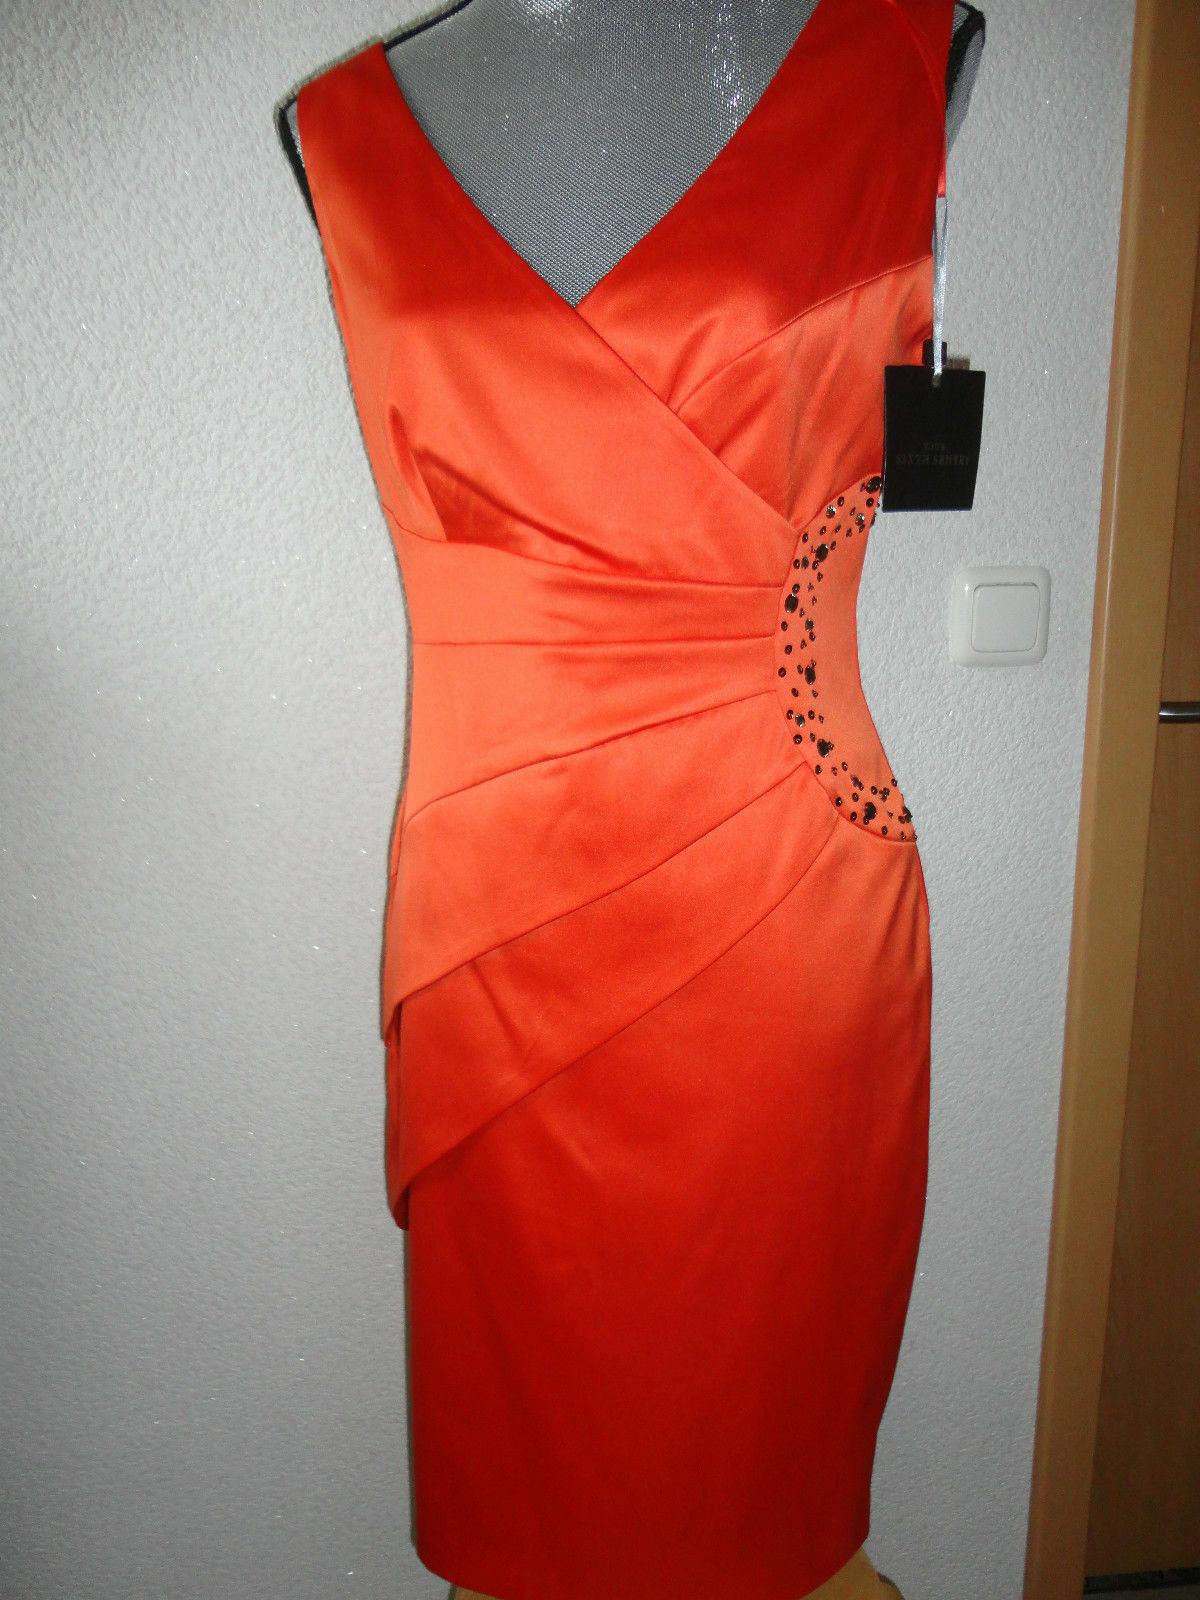 NEU Festliches Abendkleid Kleid Hochzeit Gr.38 Orange zu Jacke Schuhe